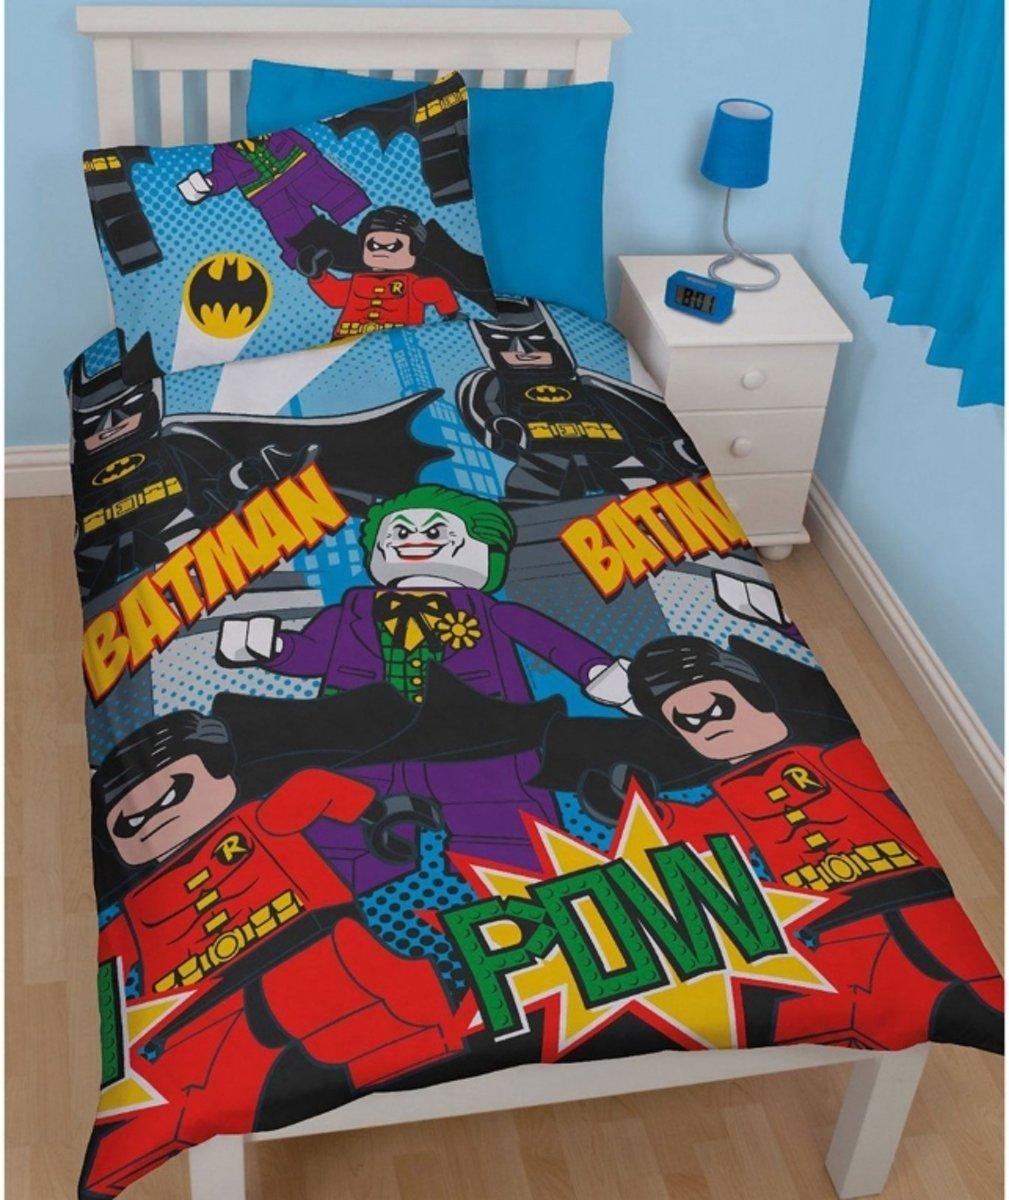 Batman Lego dekbed, dekbedovertrek DC Super Heroes kopen